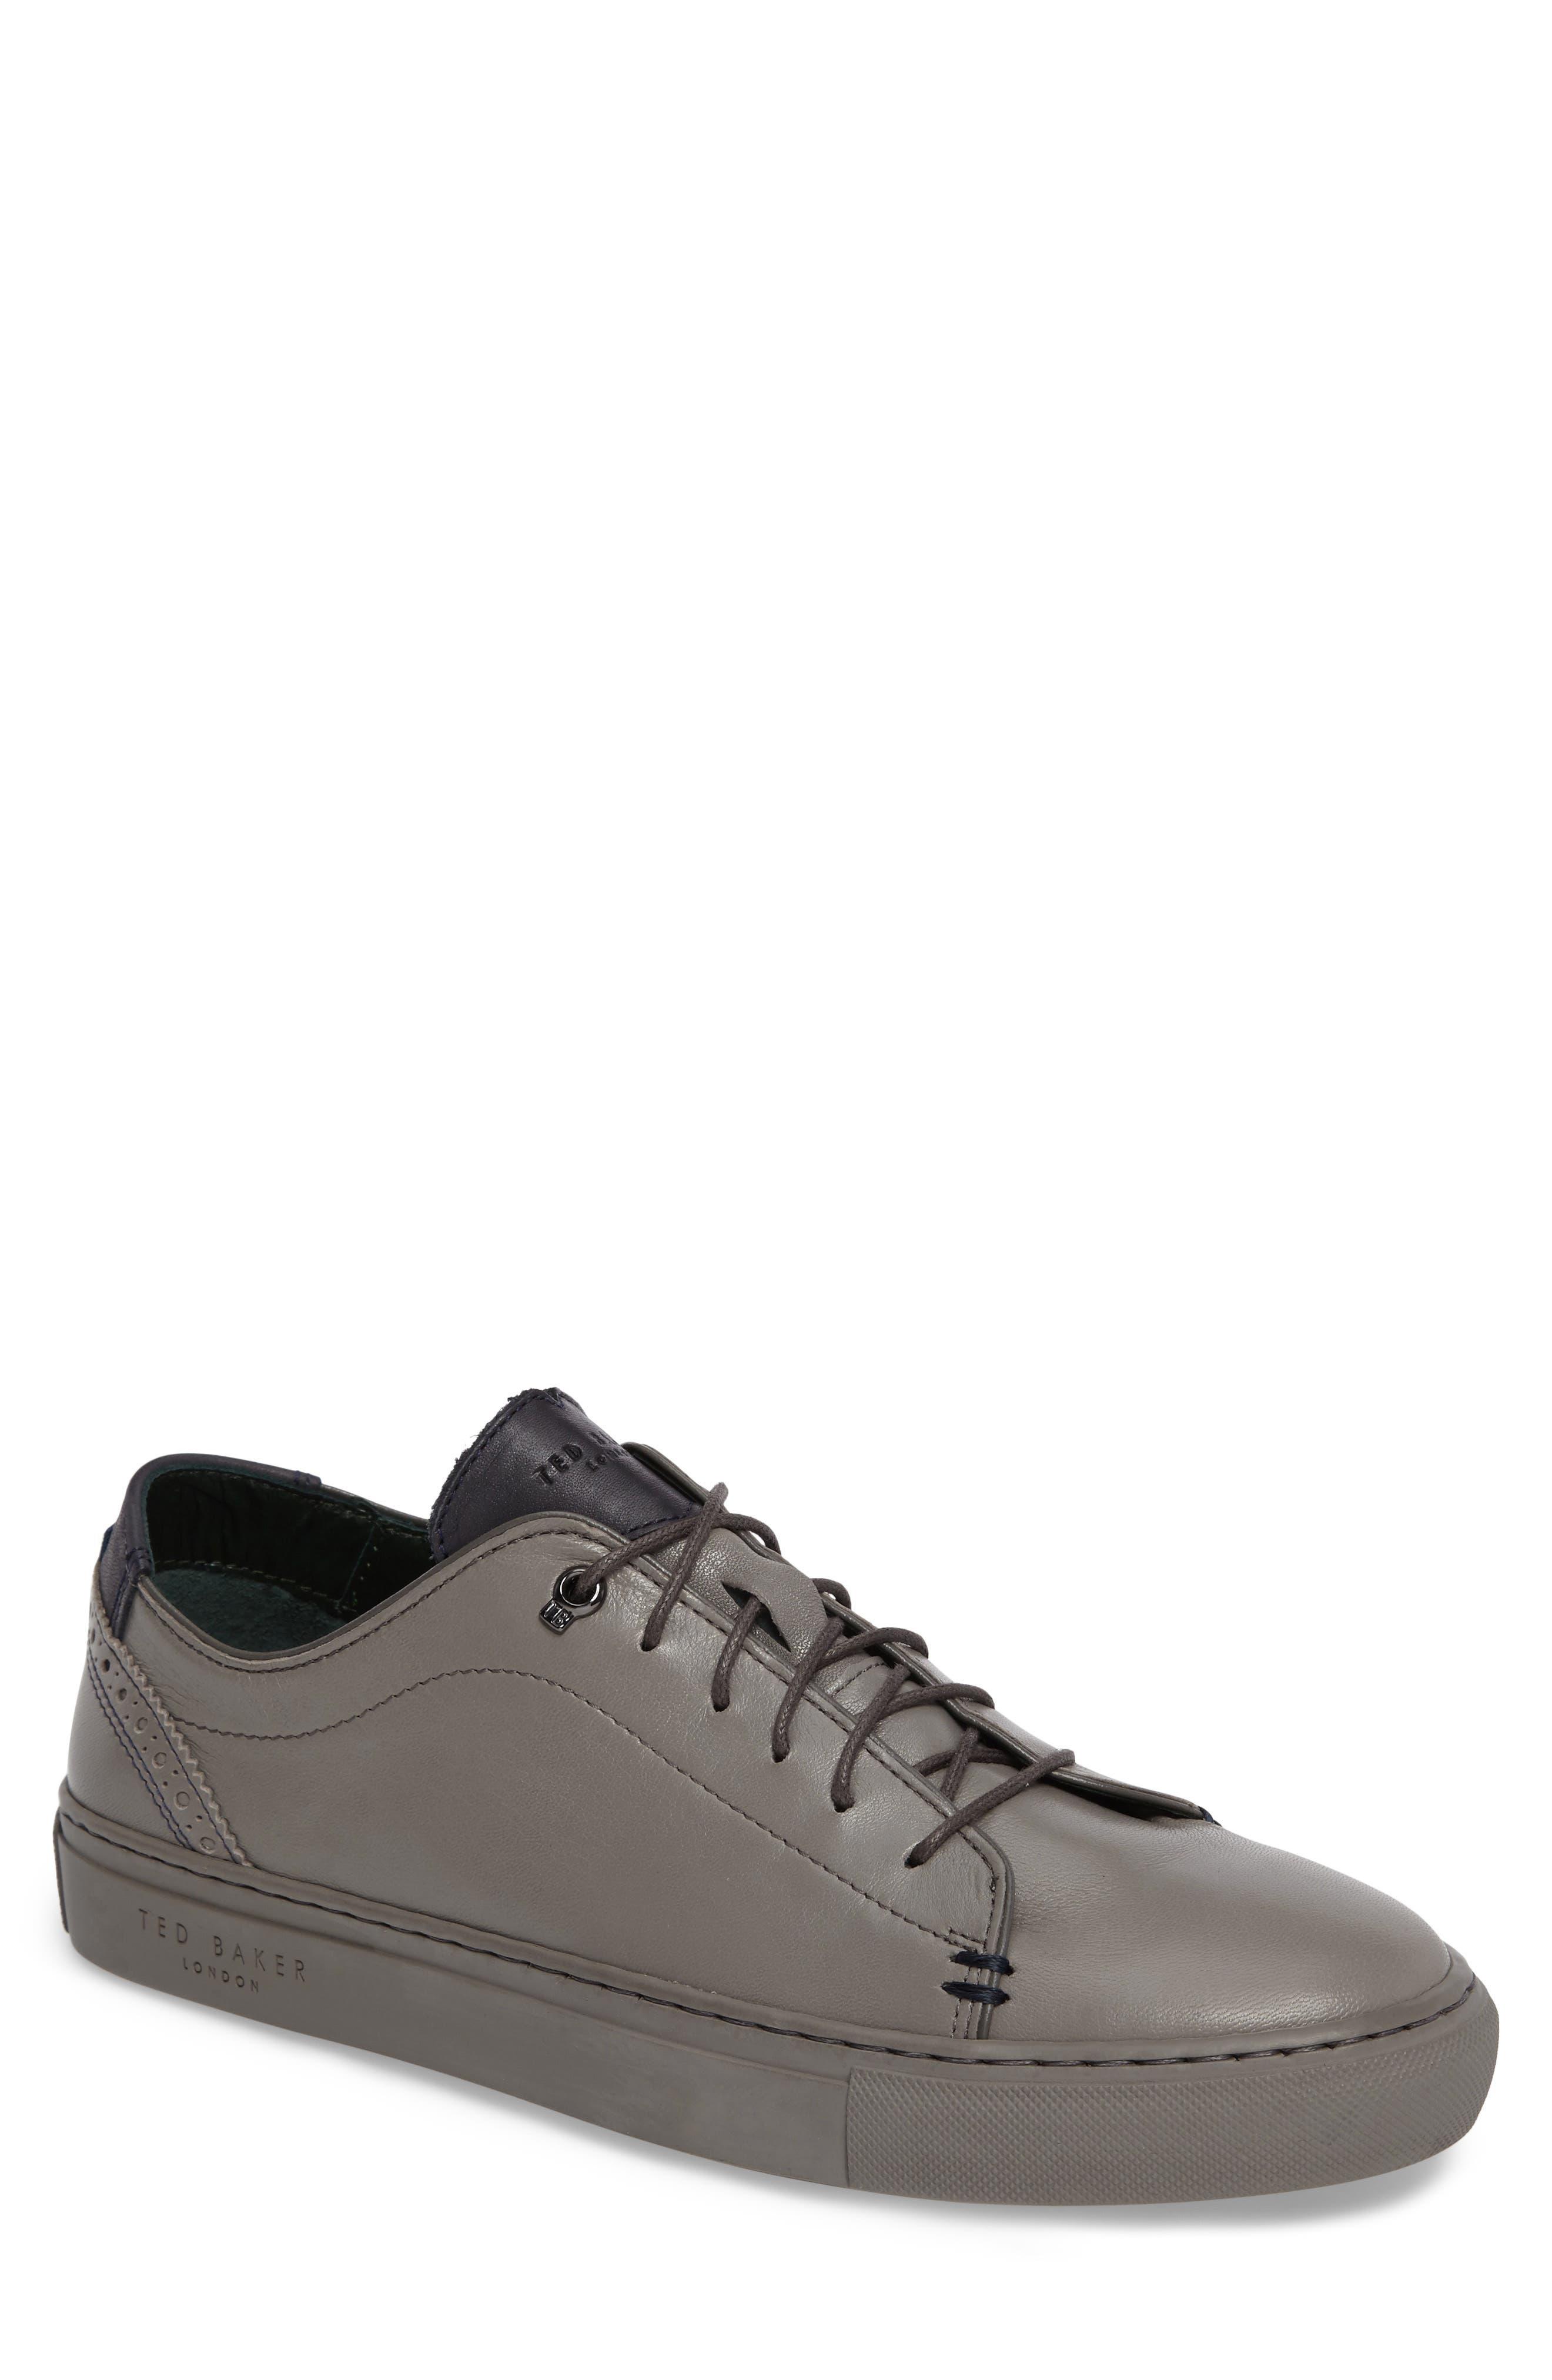 Prinnc Low Top Sneaker,                         Main,                         color, 028